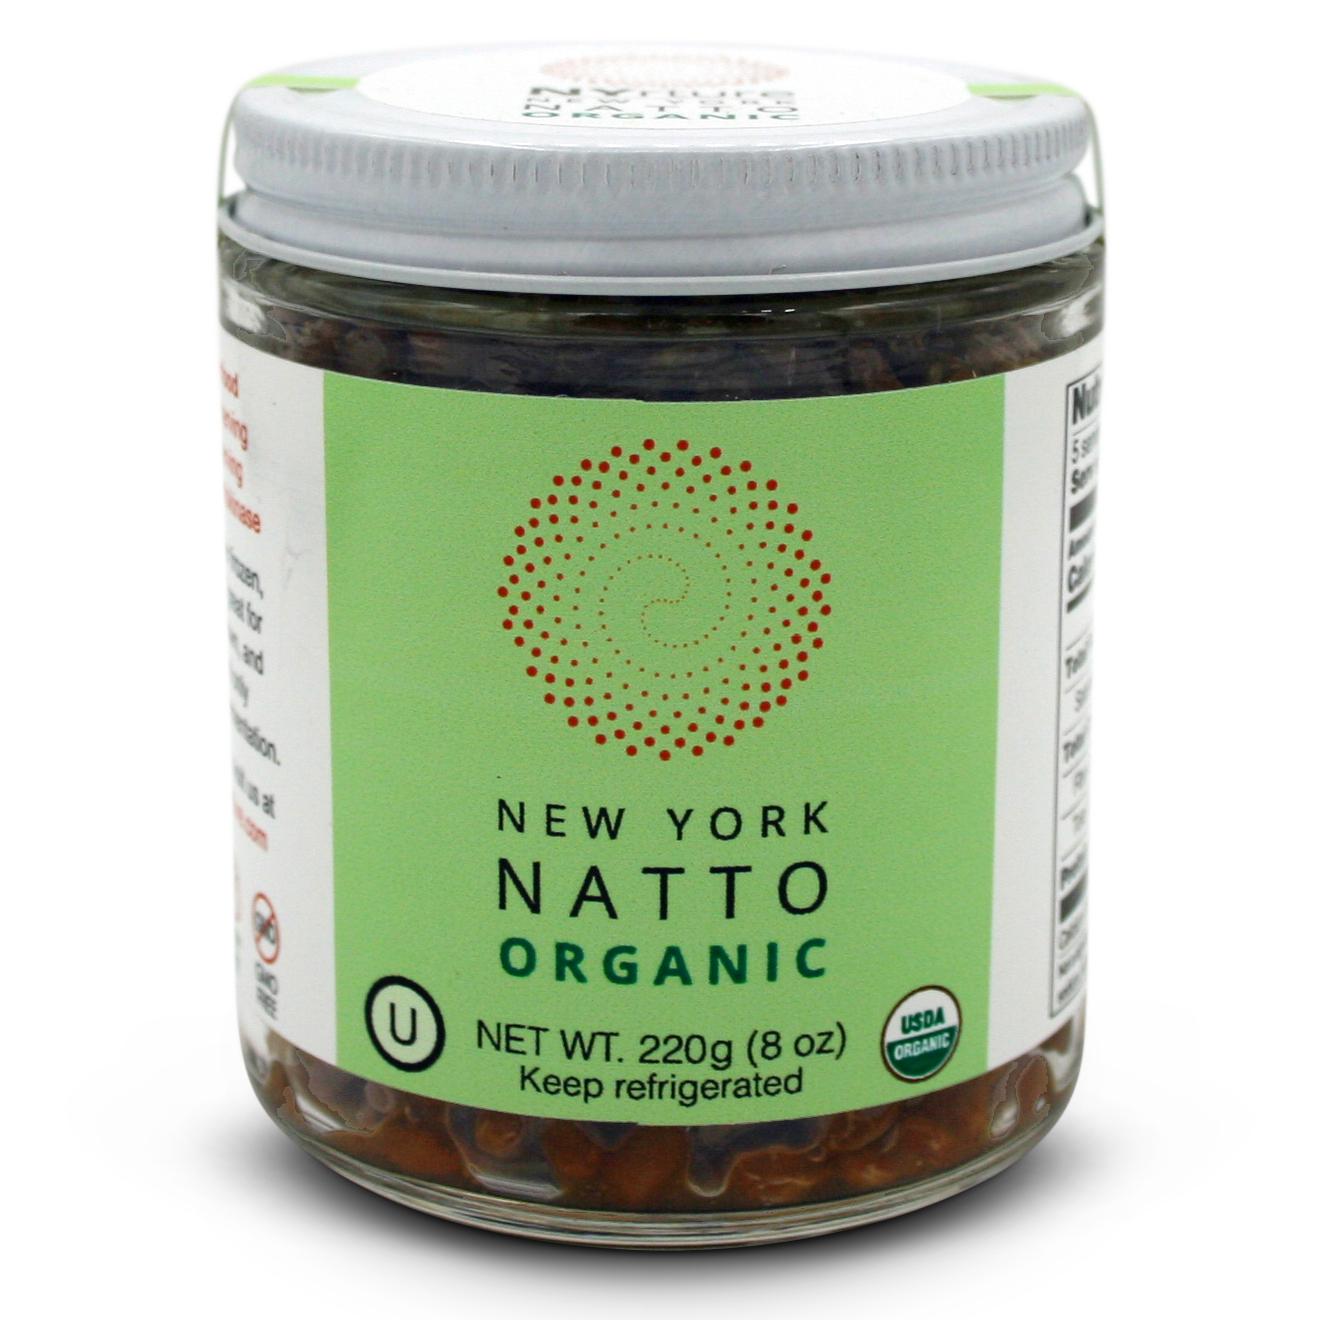 New York Natto Organic - front.jpg